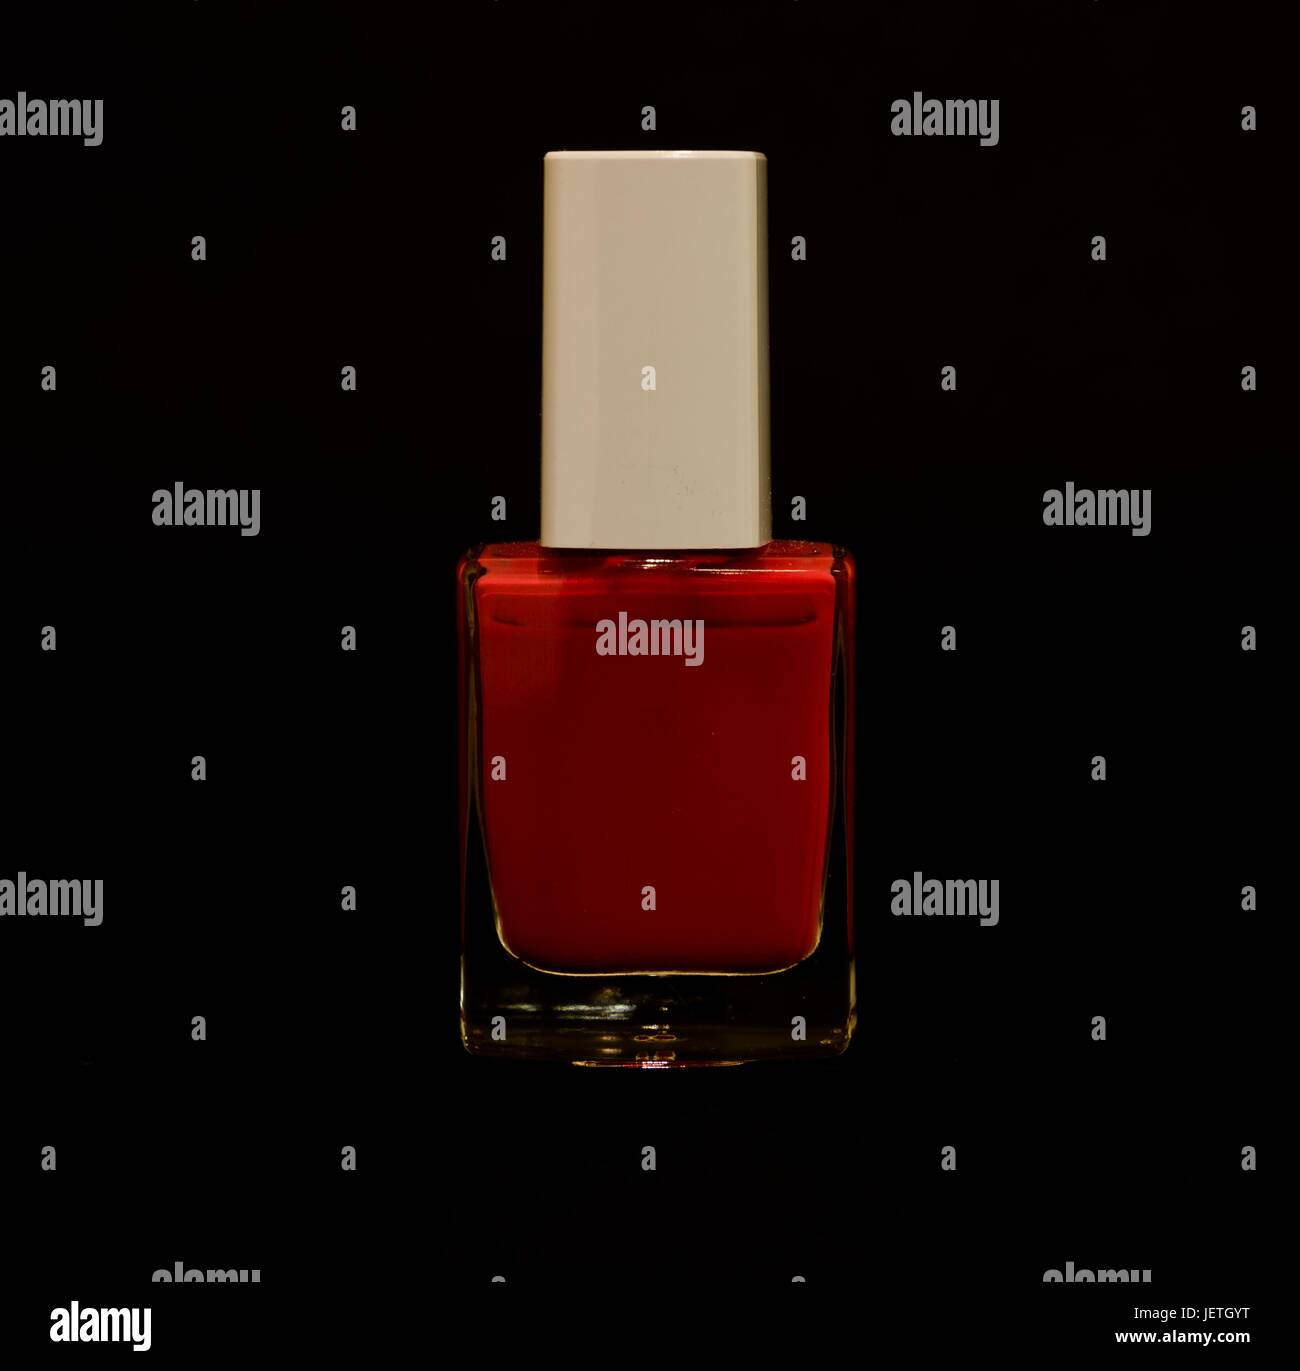 one bottle of generic nail varnish / polish - Stock Image